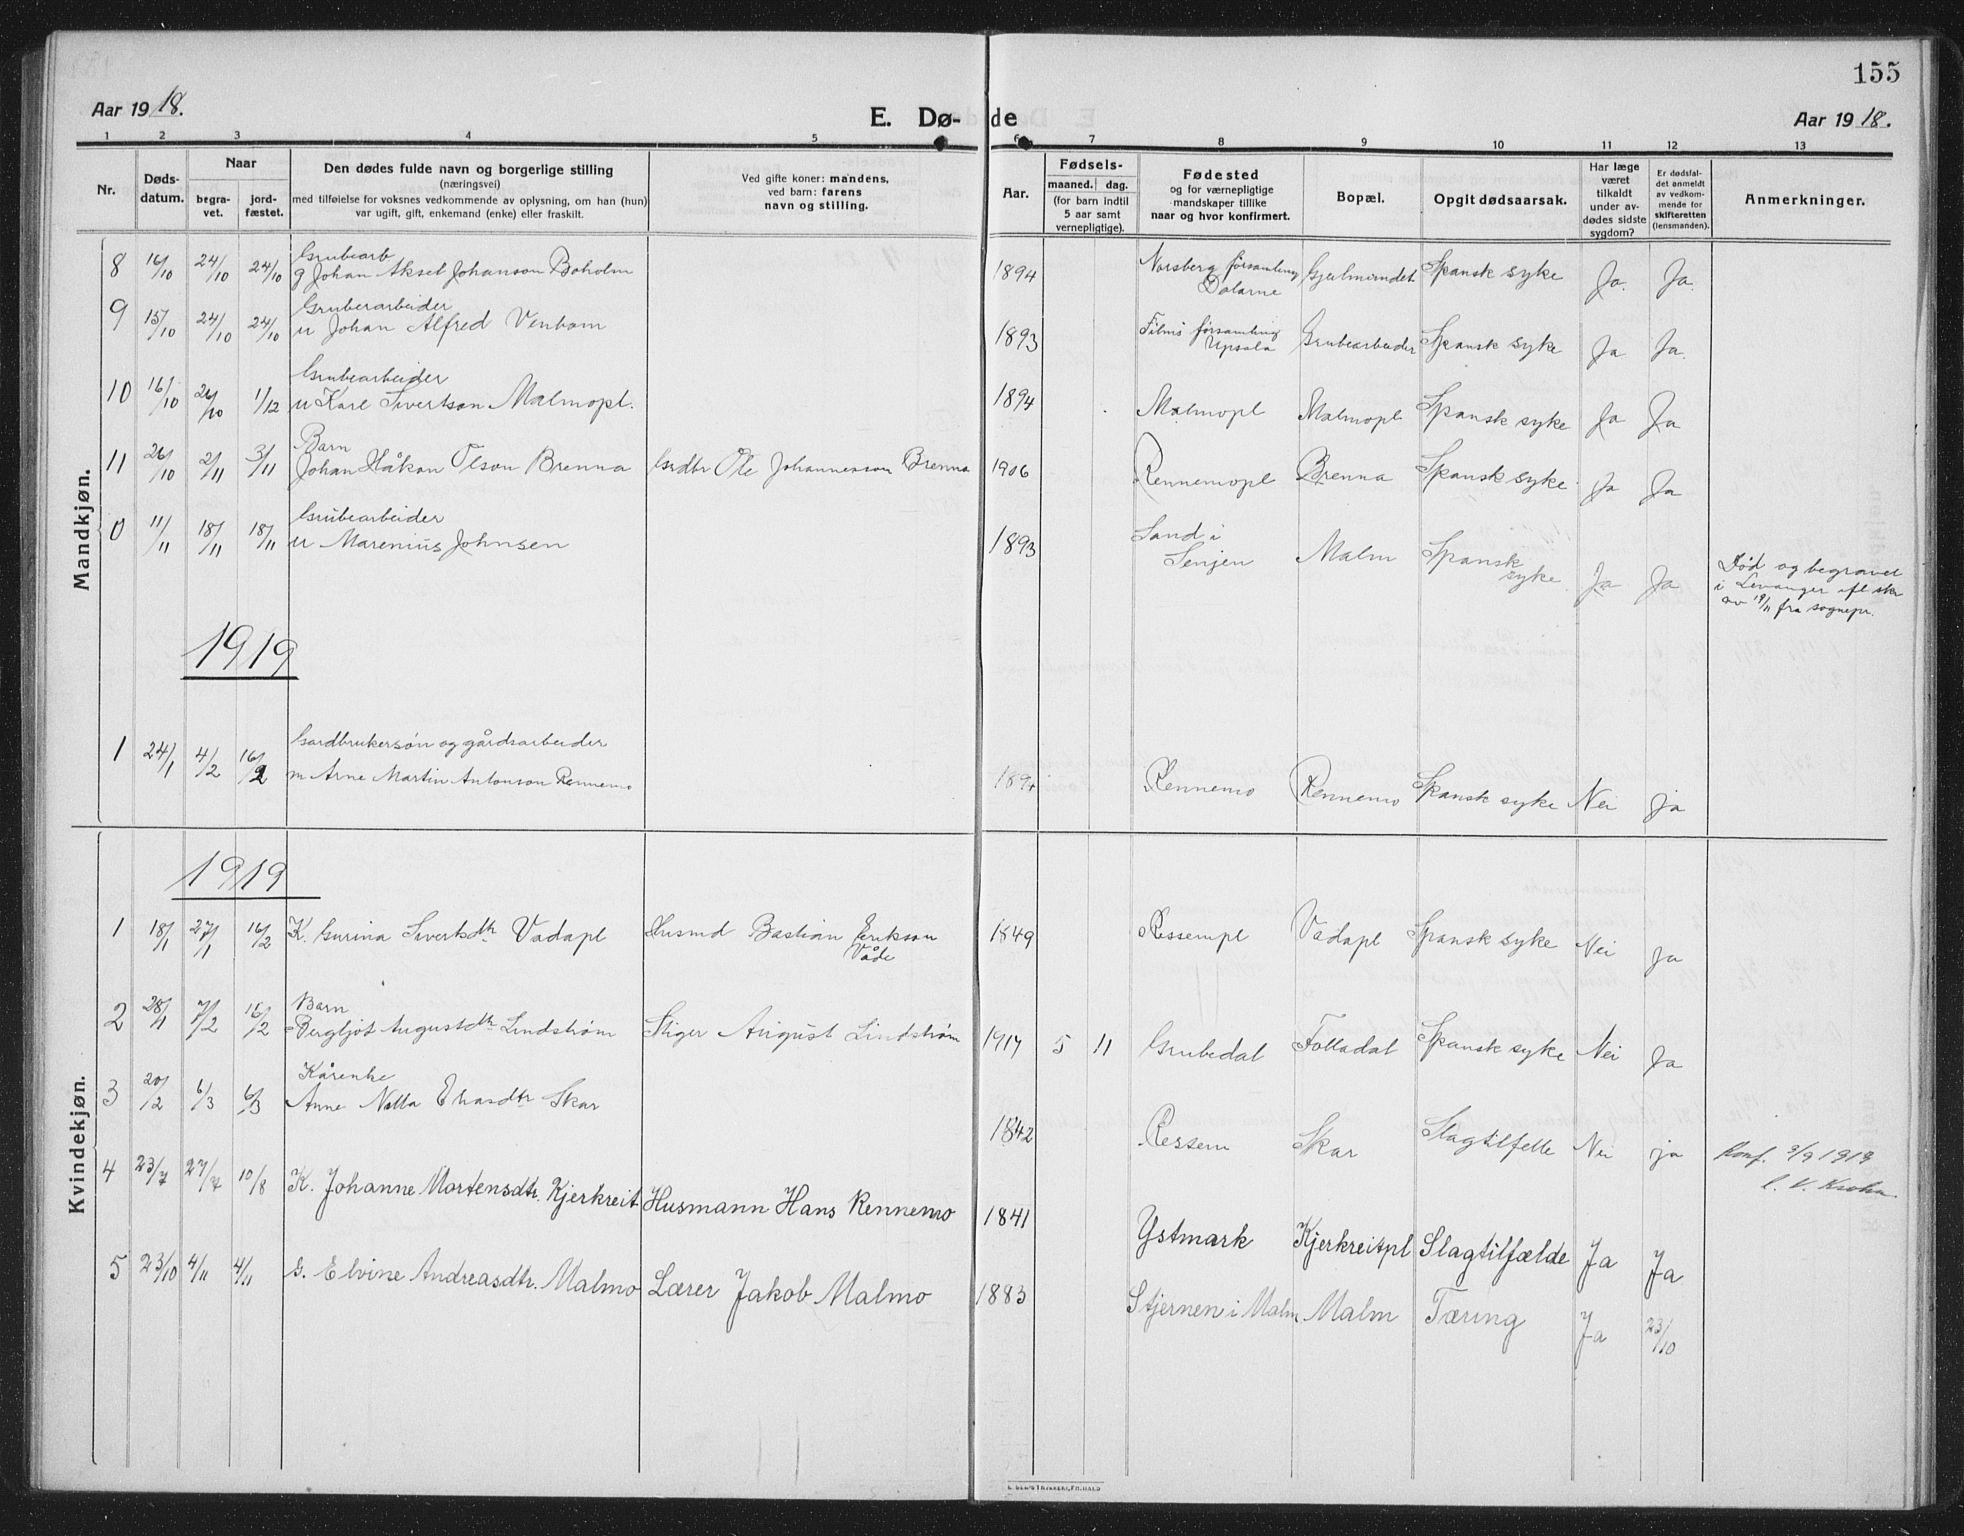 SAT, Ministerialprotokoller, klokkerbøker og fødselsregistre - Nord-Trøndelag, 745/L0434: Klokkerbok nr. 745C03, 1914-1937, s. 155